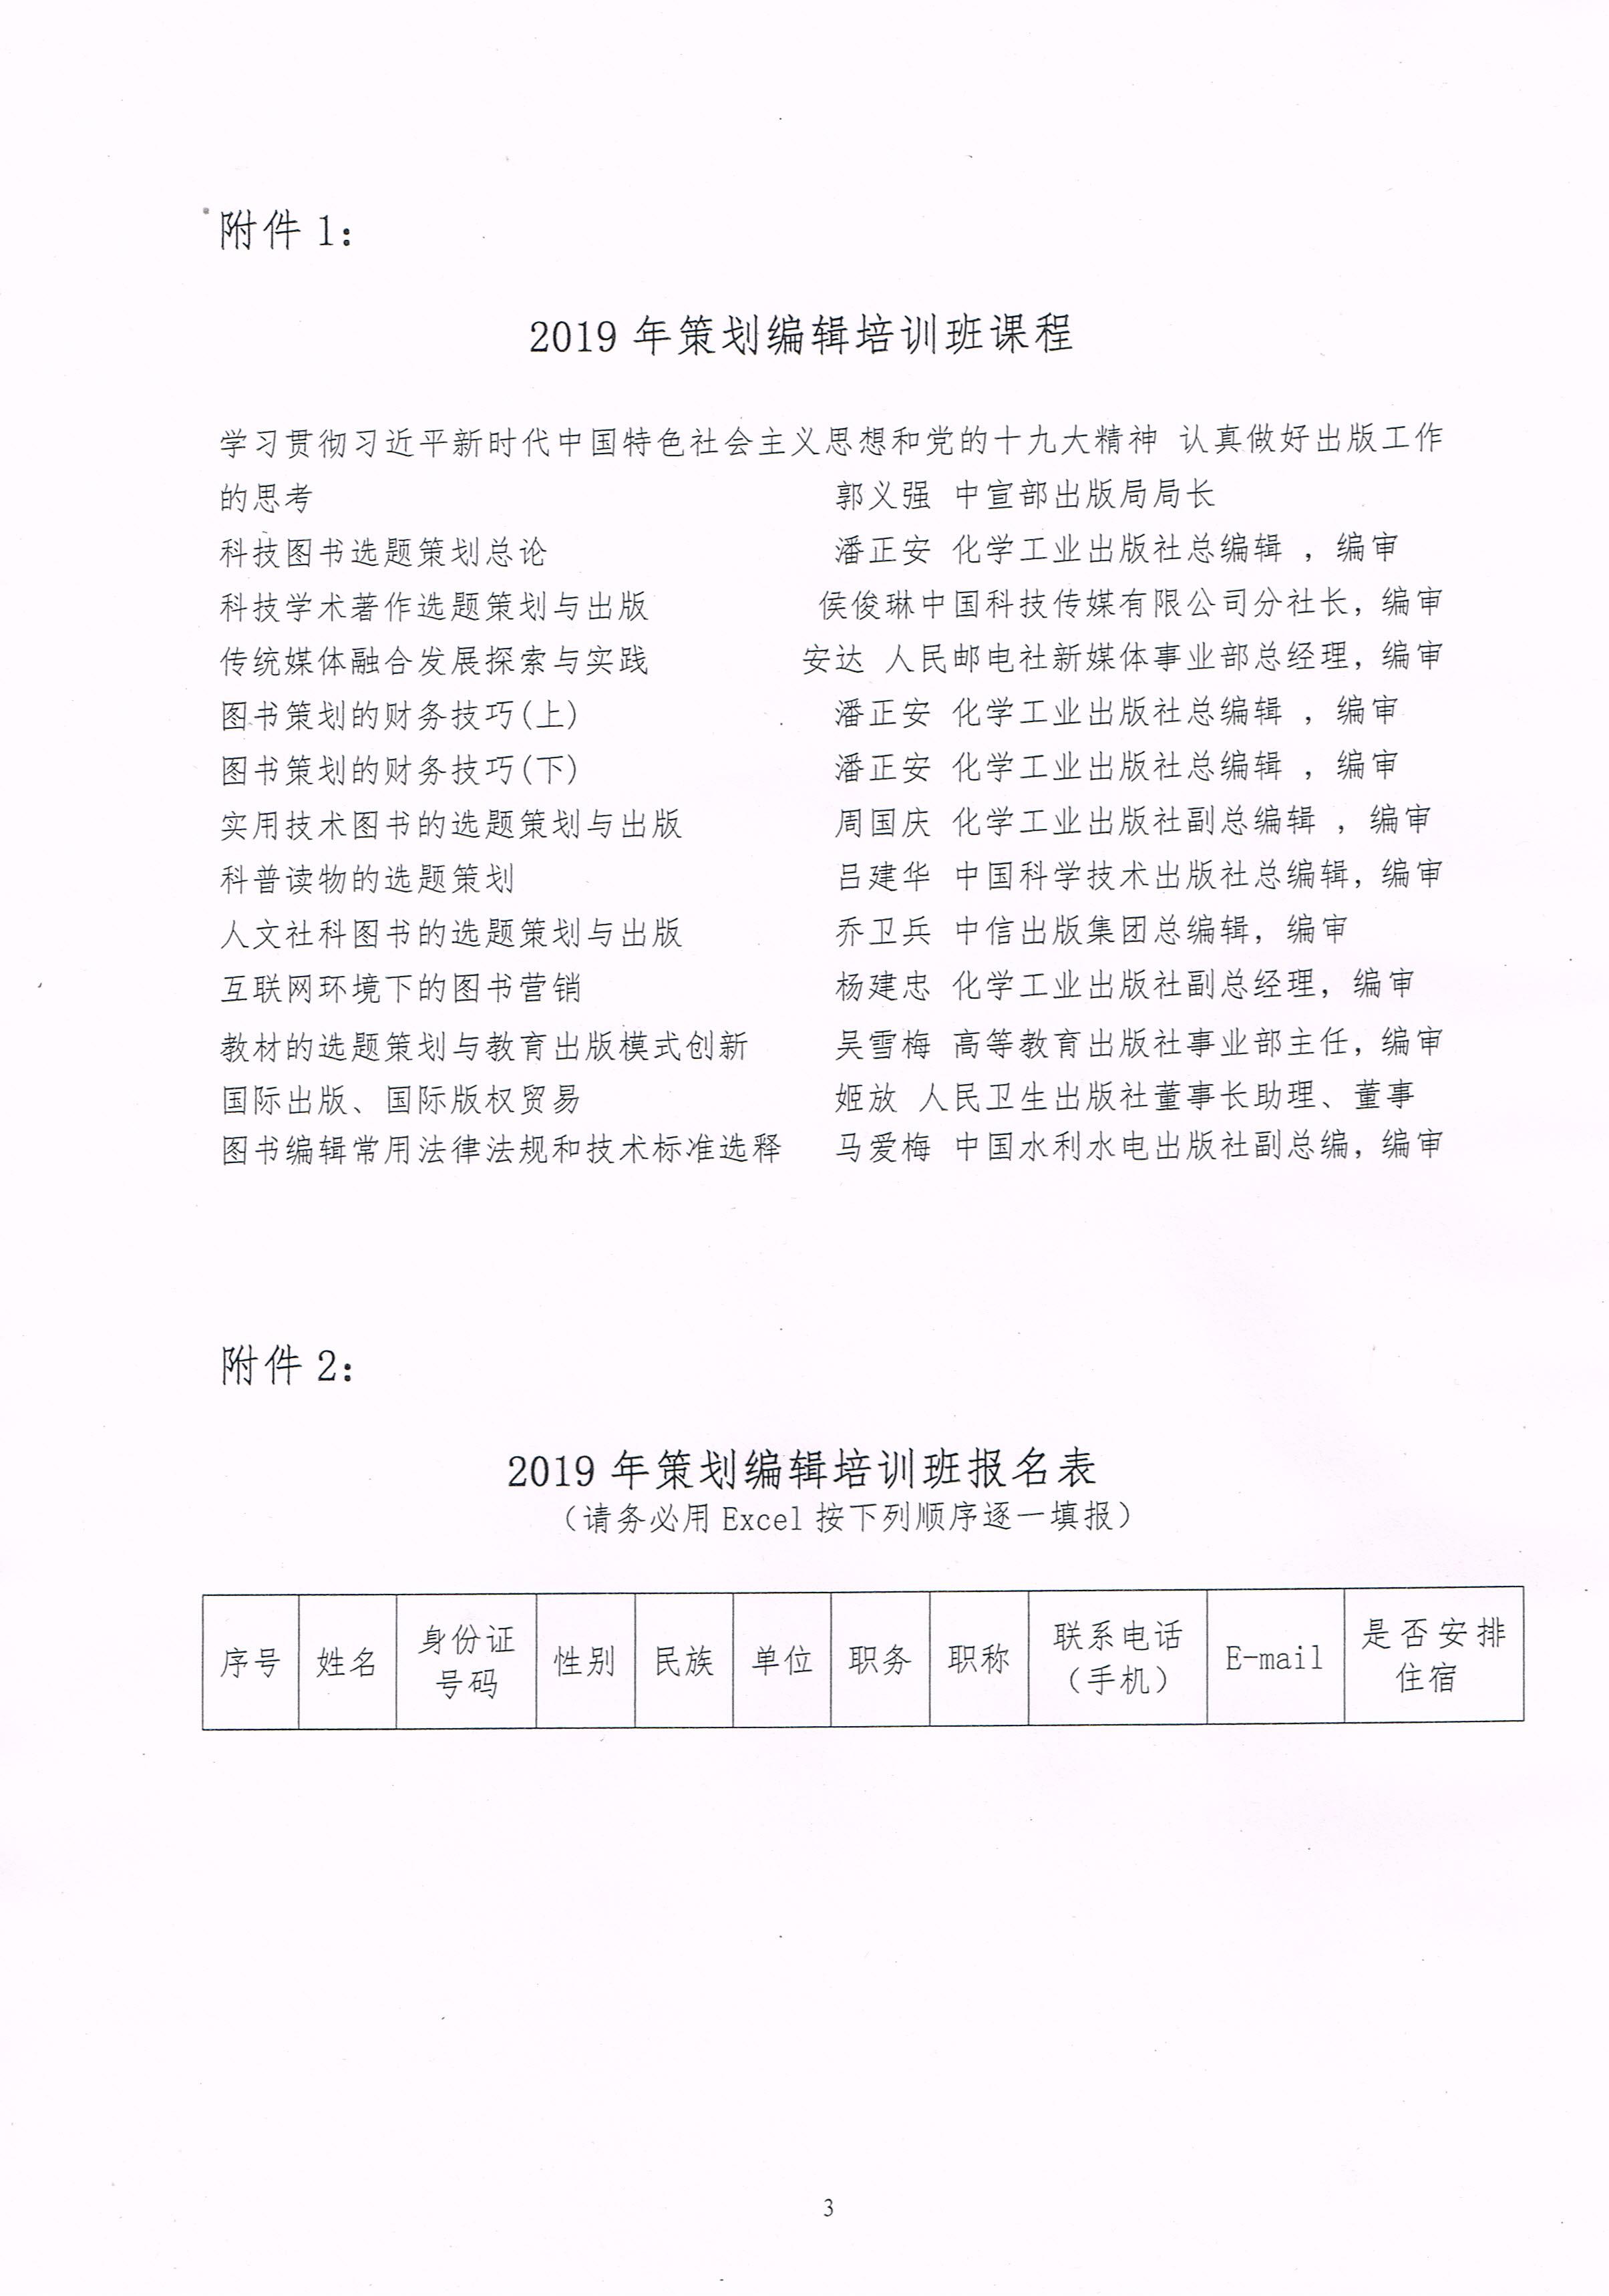 CCI20190530_0002